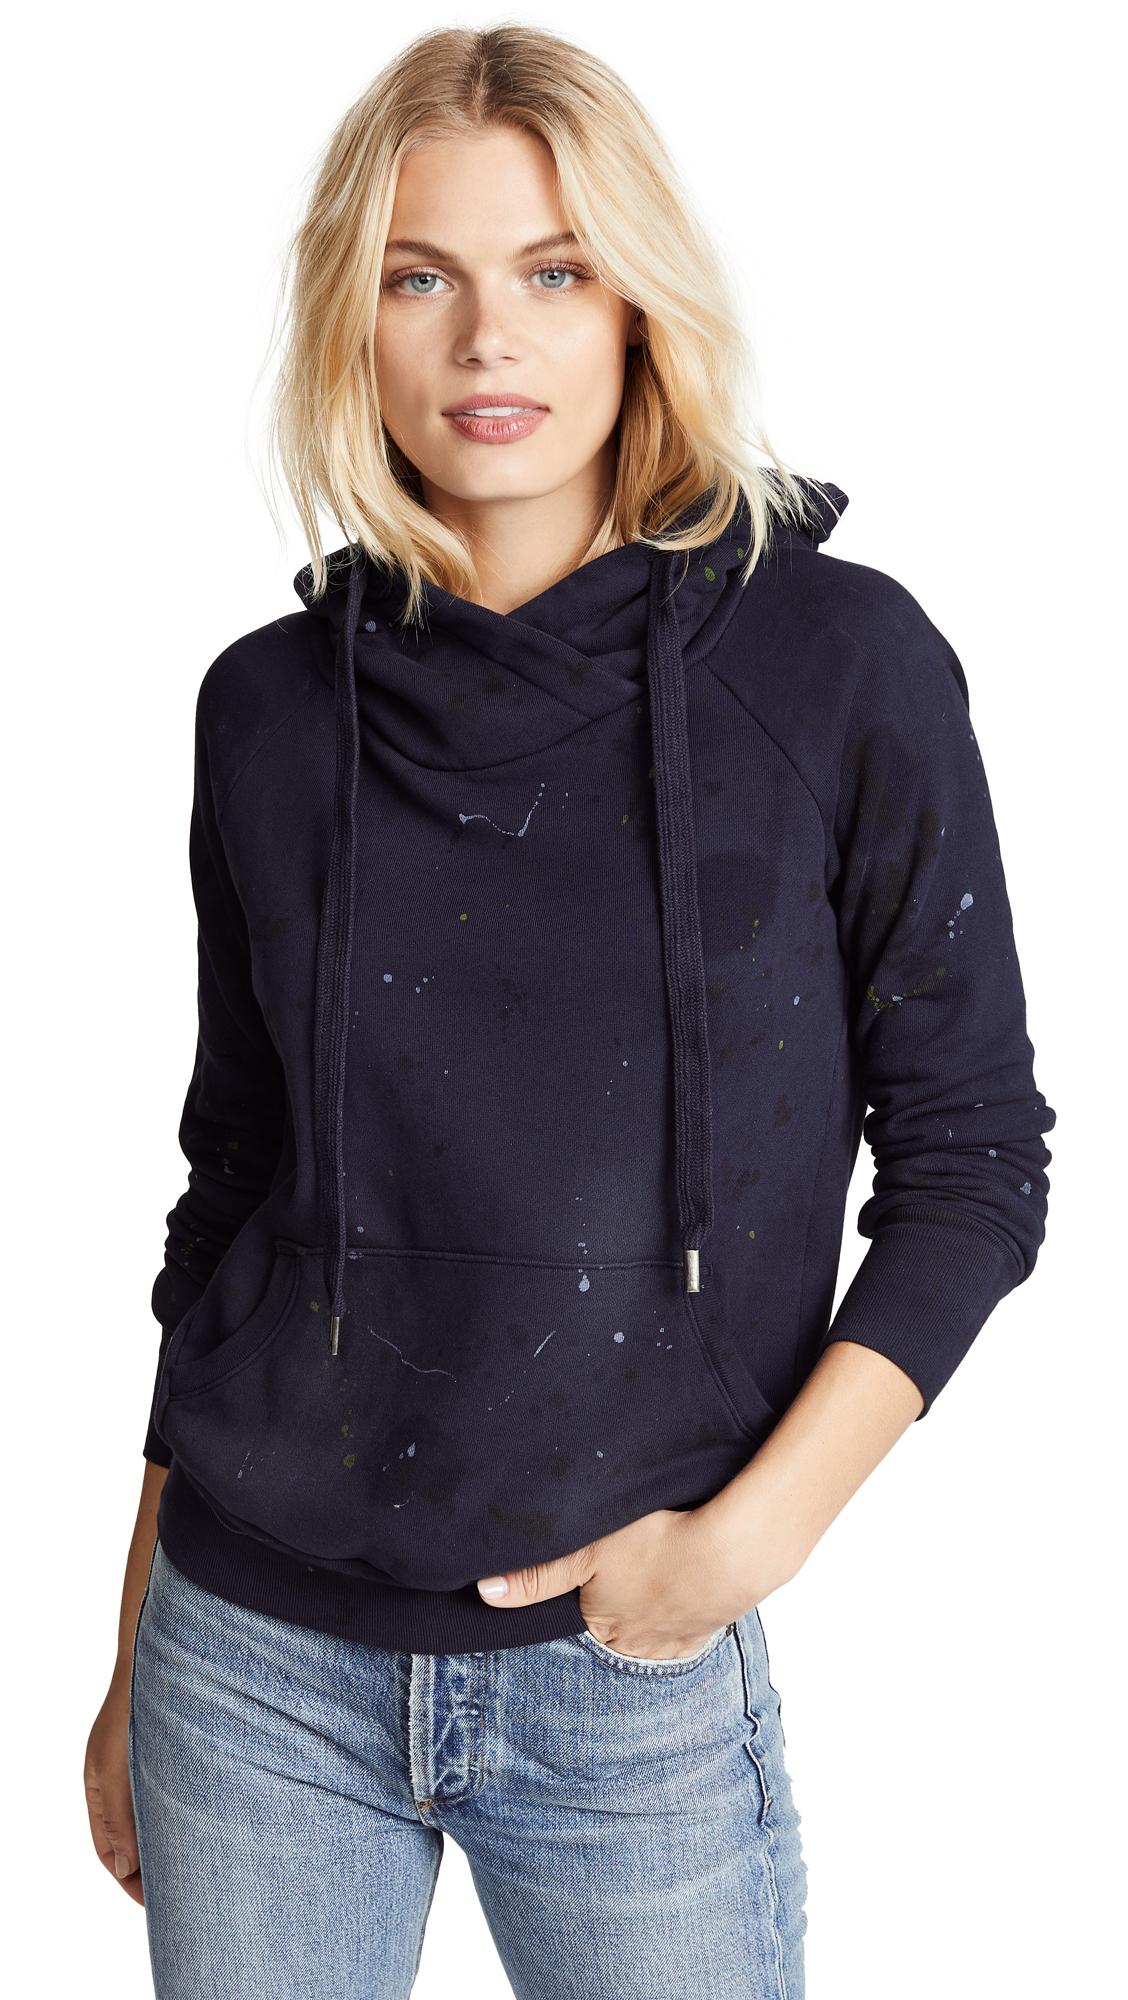 NSF Lisse Hooded Sweatshirt in Ink Blot Navy